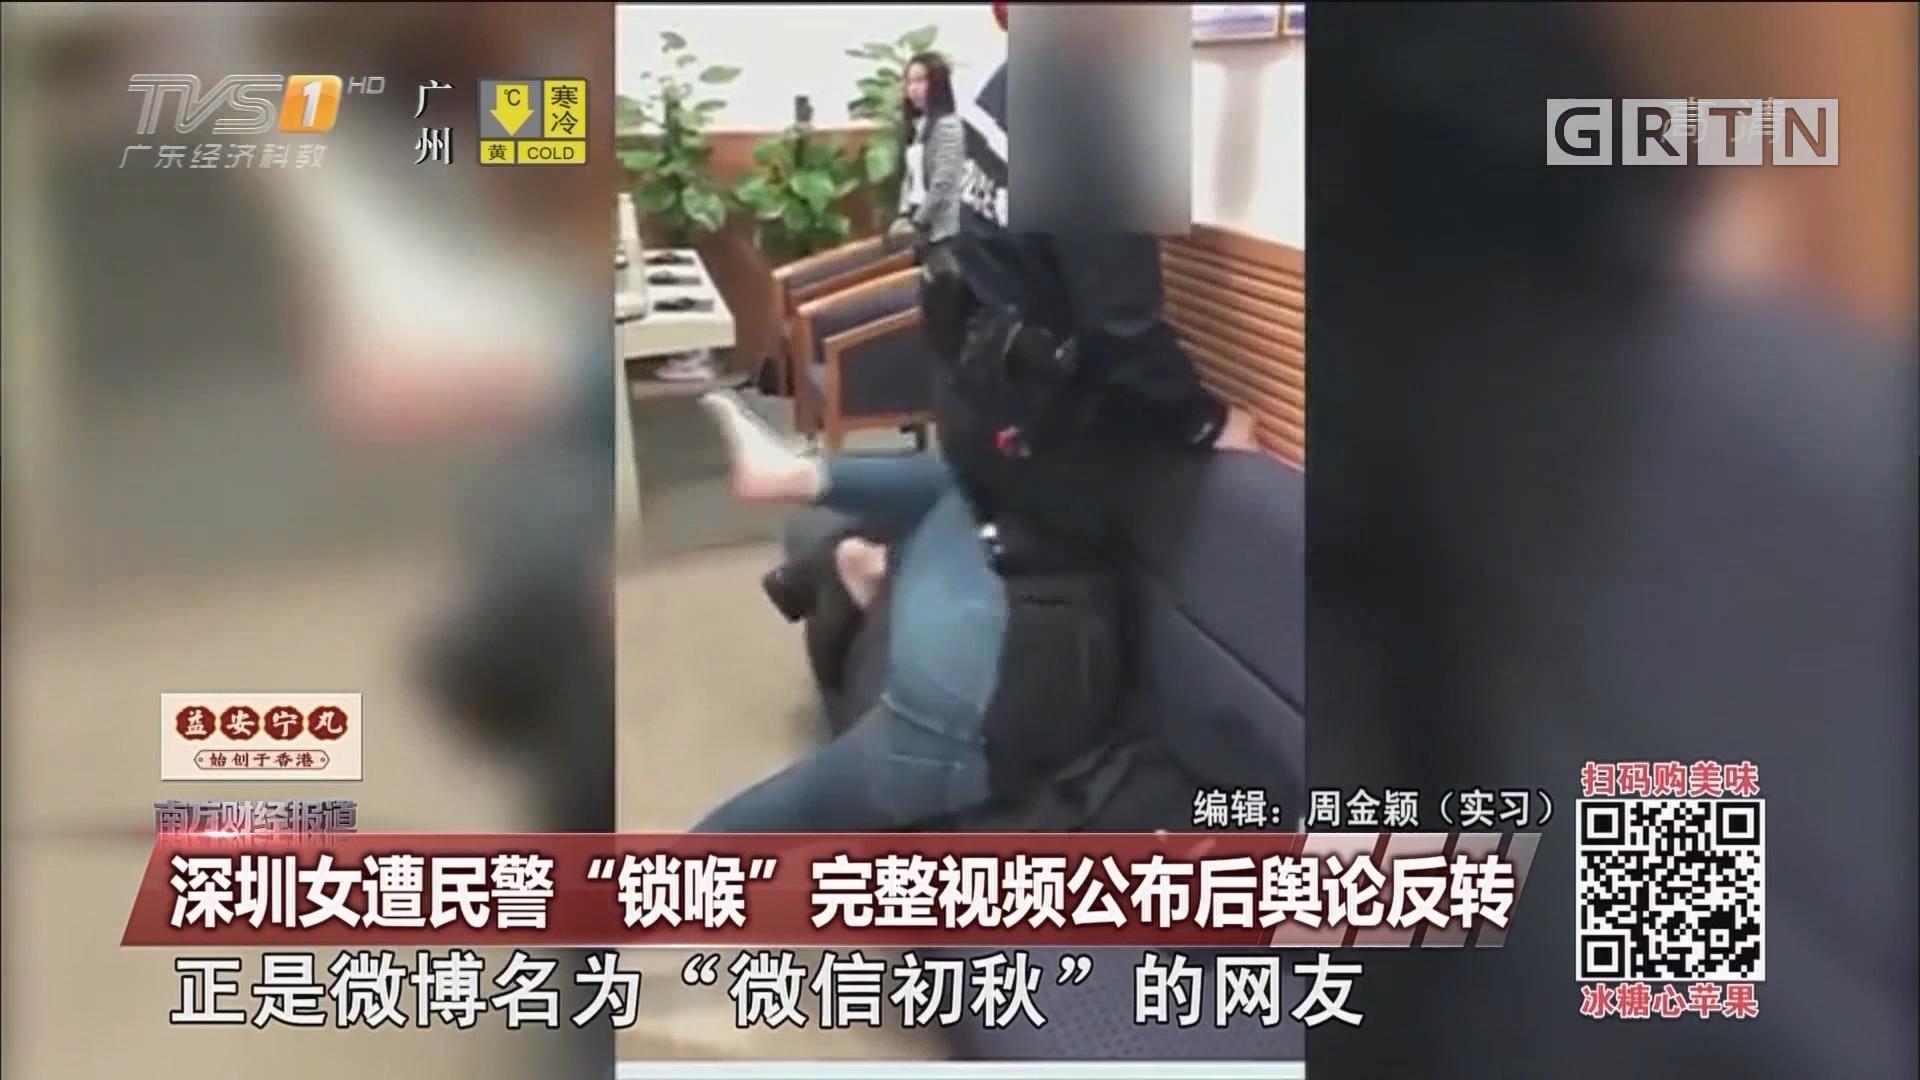 """深圳女遭民警""""锁喉"""" 完整视频公布后舆论反转"""